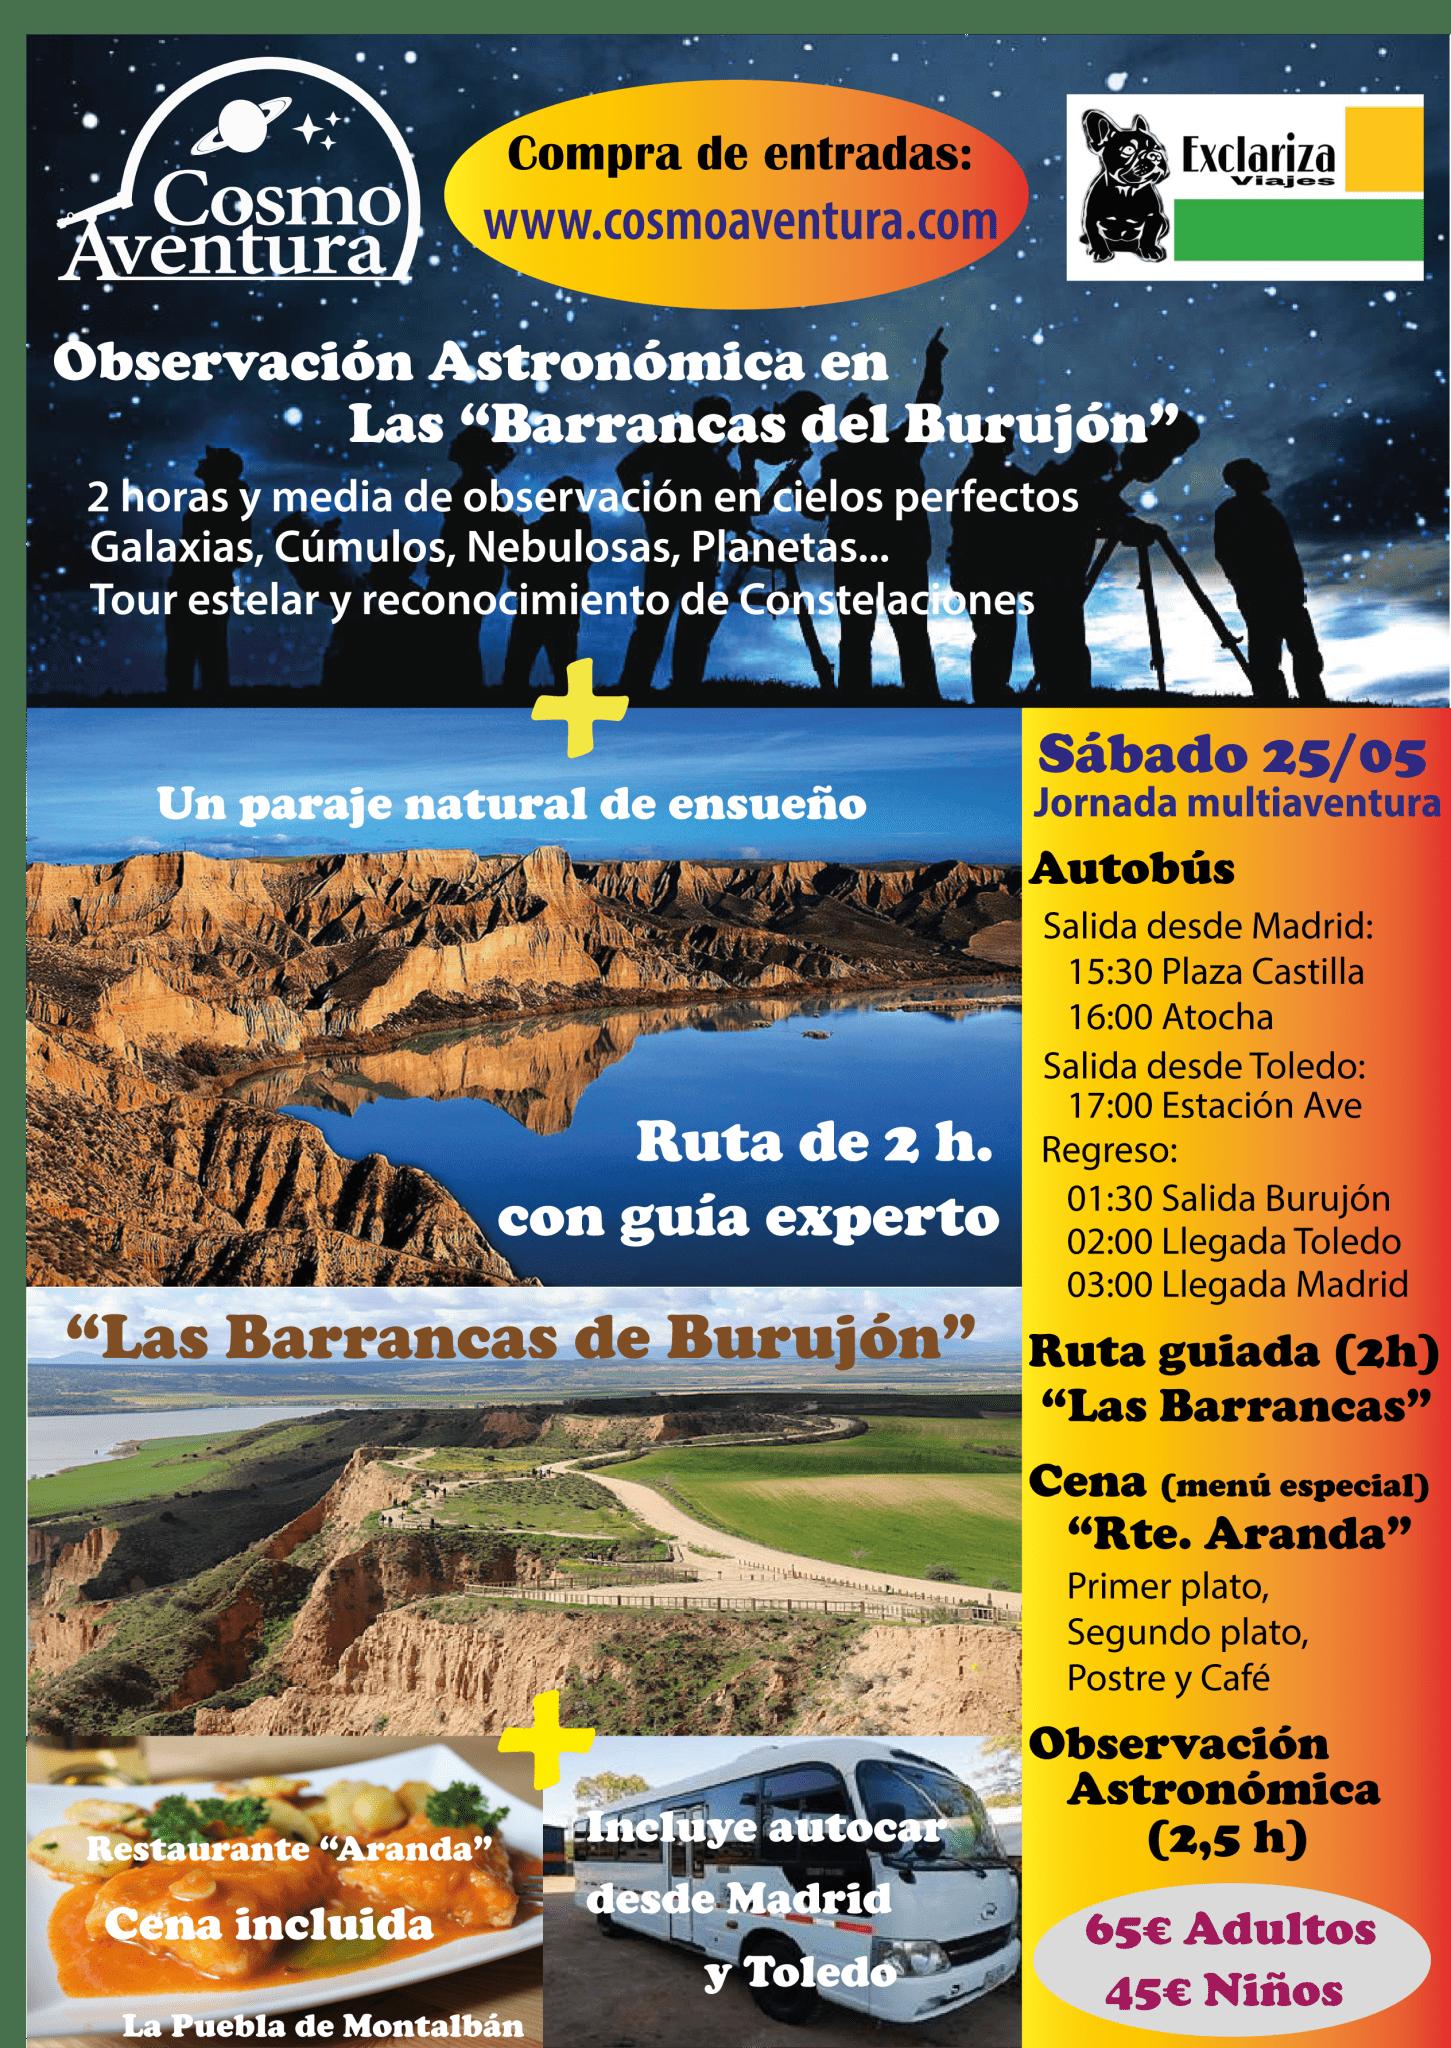 """Jornada de Astroturismo: Autobús + Excursión con guía a """"Las Barrancas del Burujón"""" + Cena especial + Observación Astronómica"""